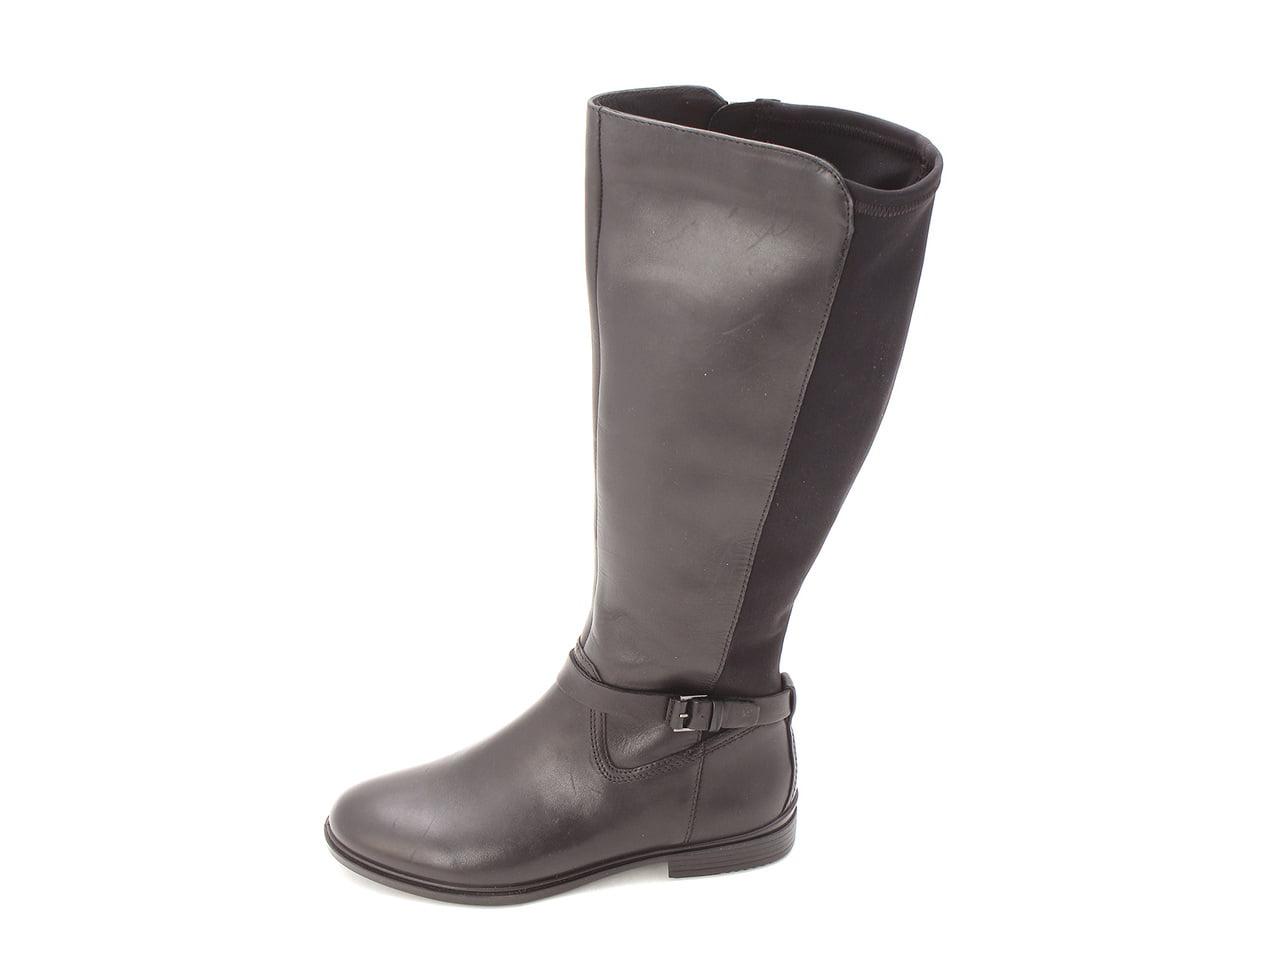 ECCO Womens 26167353960 Closed Toe Mid-Calf Fashion Boots by Ecco